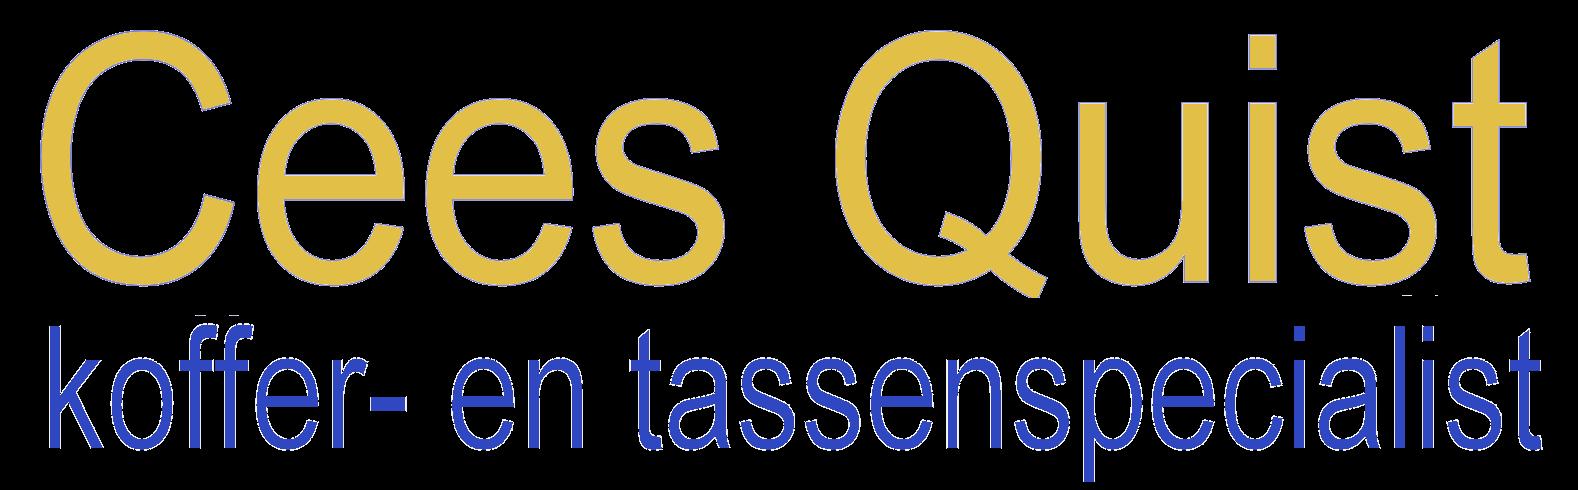 Cees Quist – lederwaren reparatie